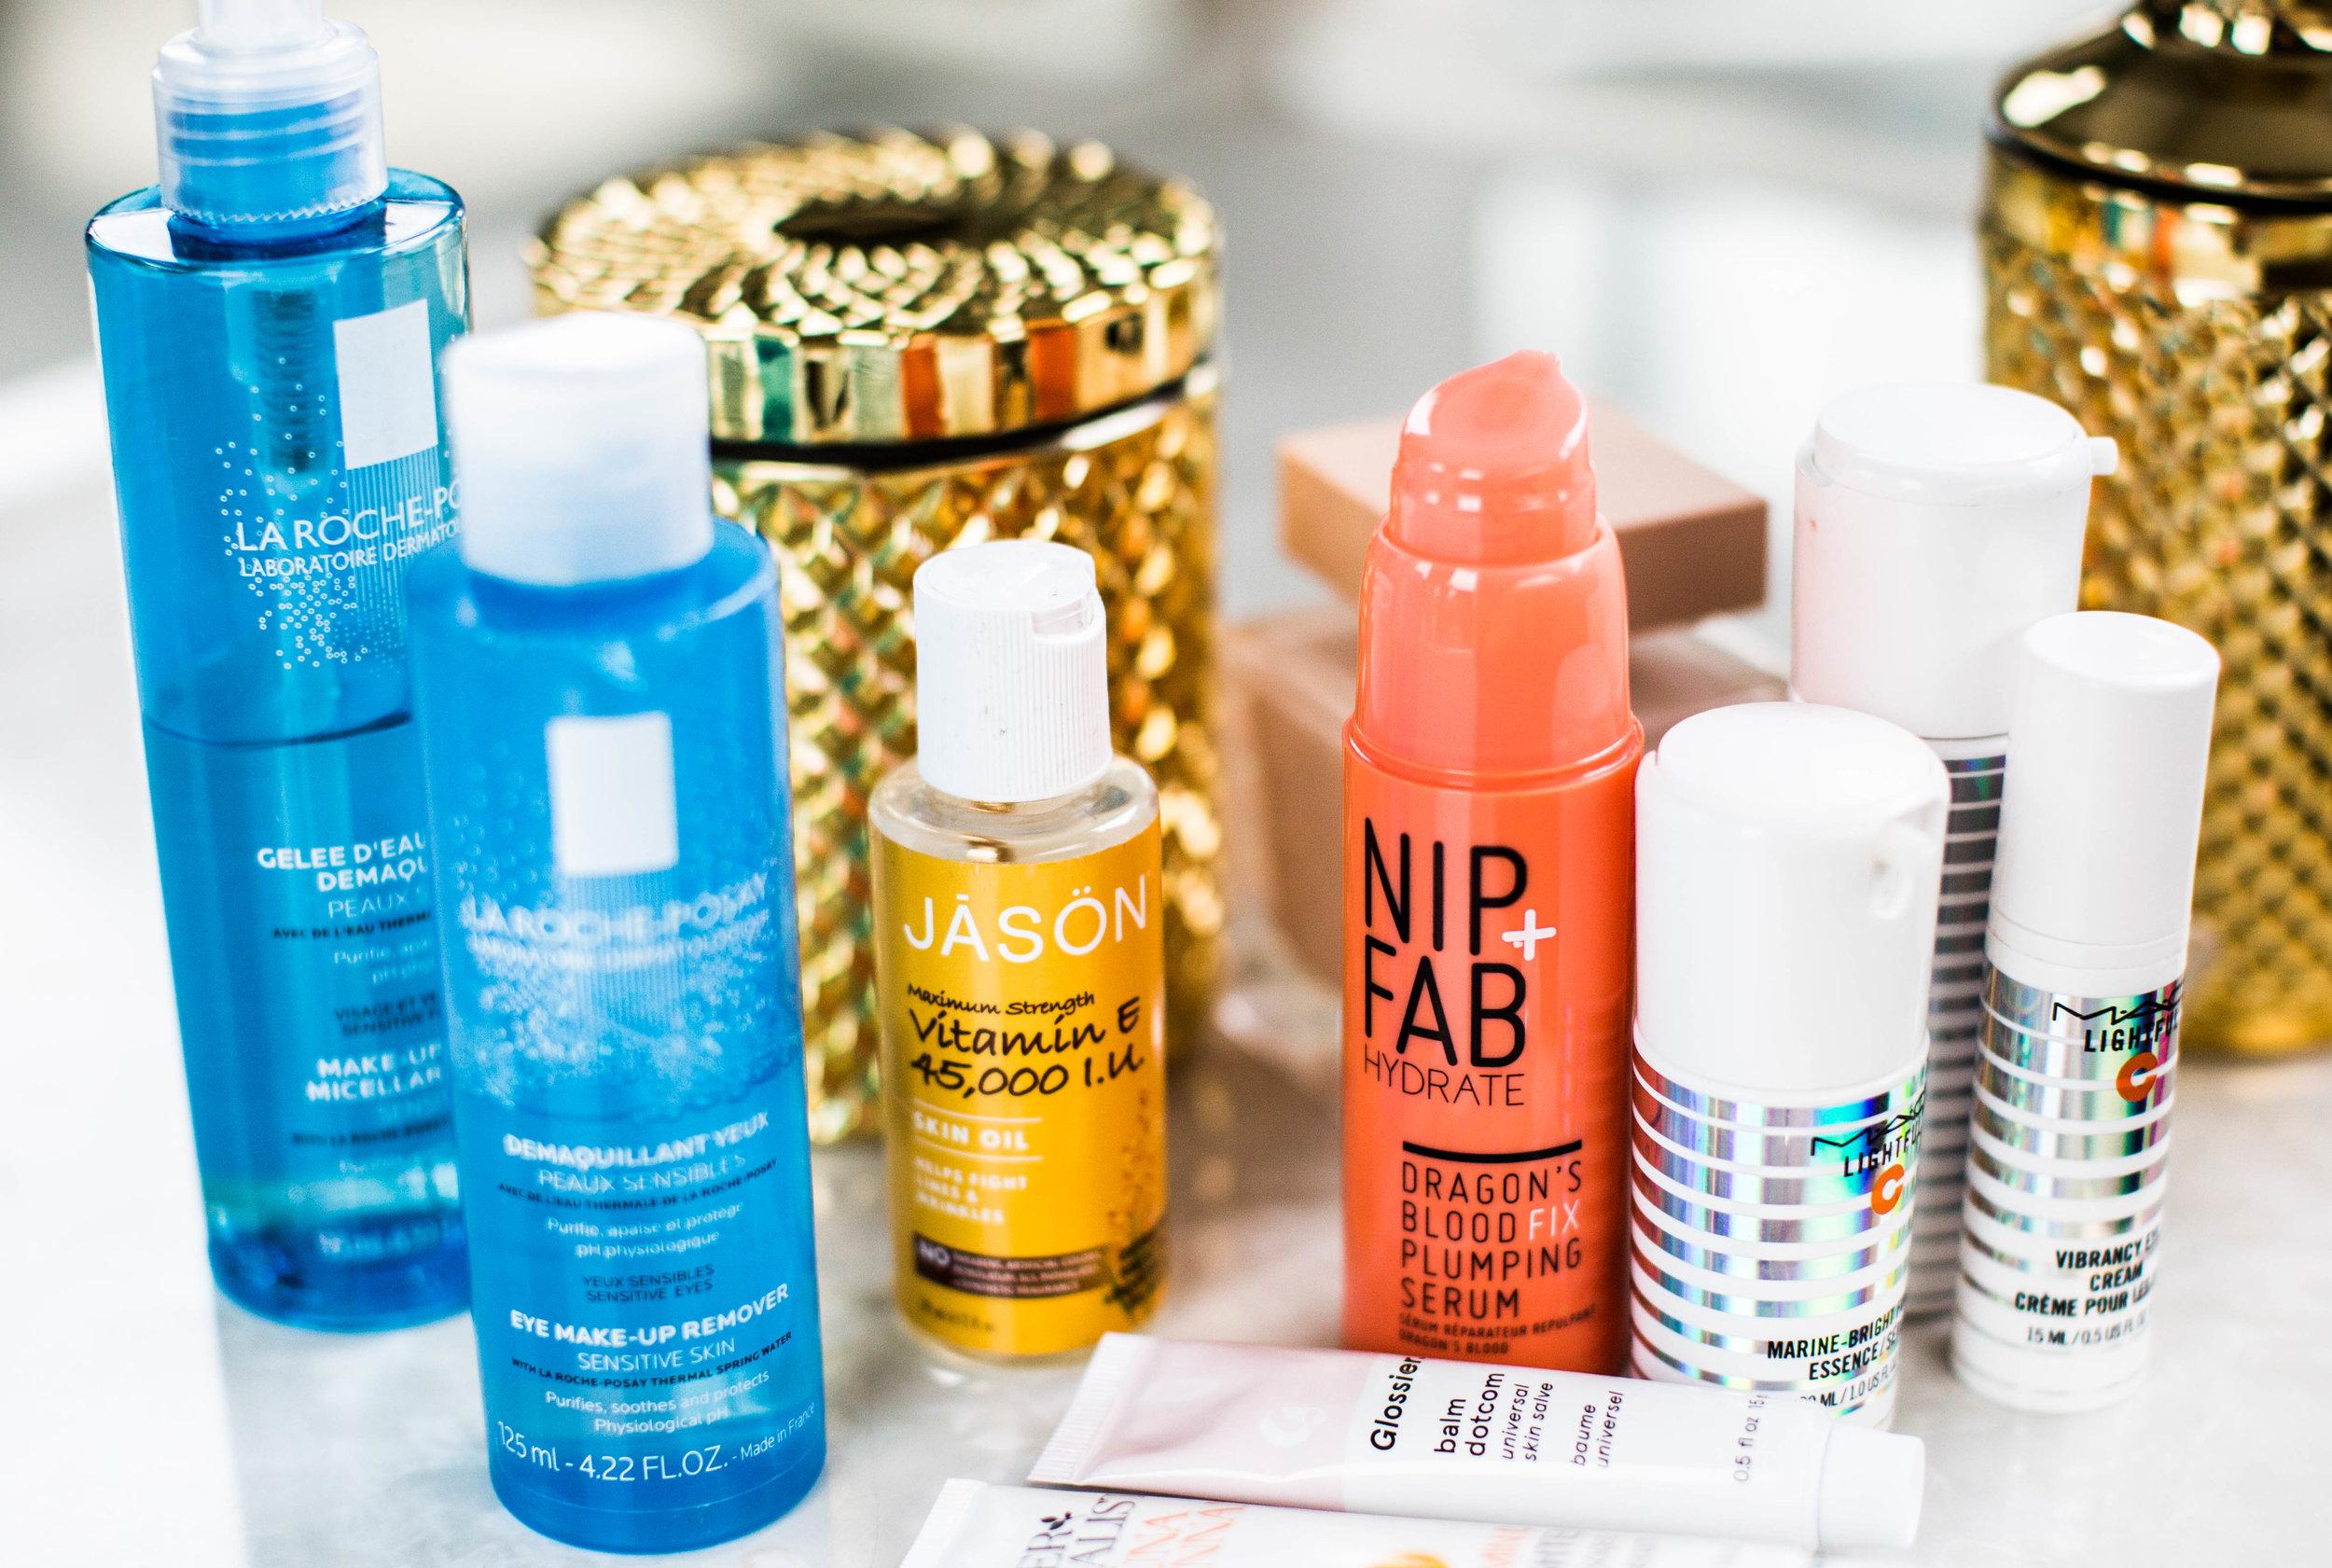 Skin care lines include Obagi, Skinmedica, Skinceuticals, Neocutis, Murad, Olay Regenerist